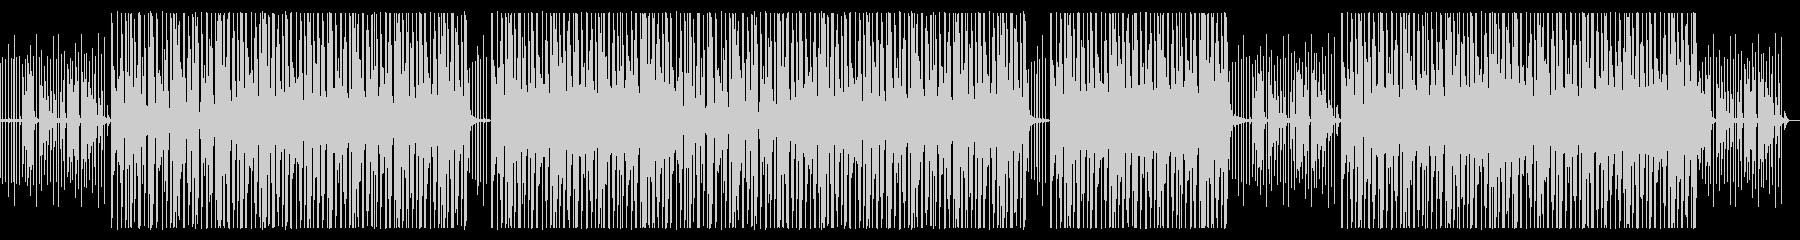 時計とオルゴール音の癒しビートの未再生の波形